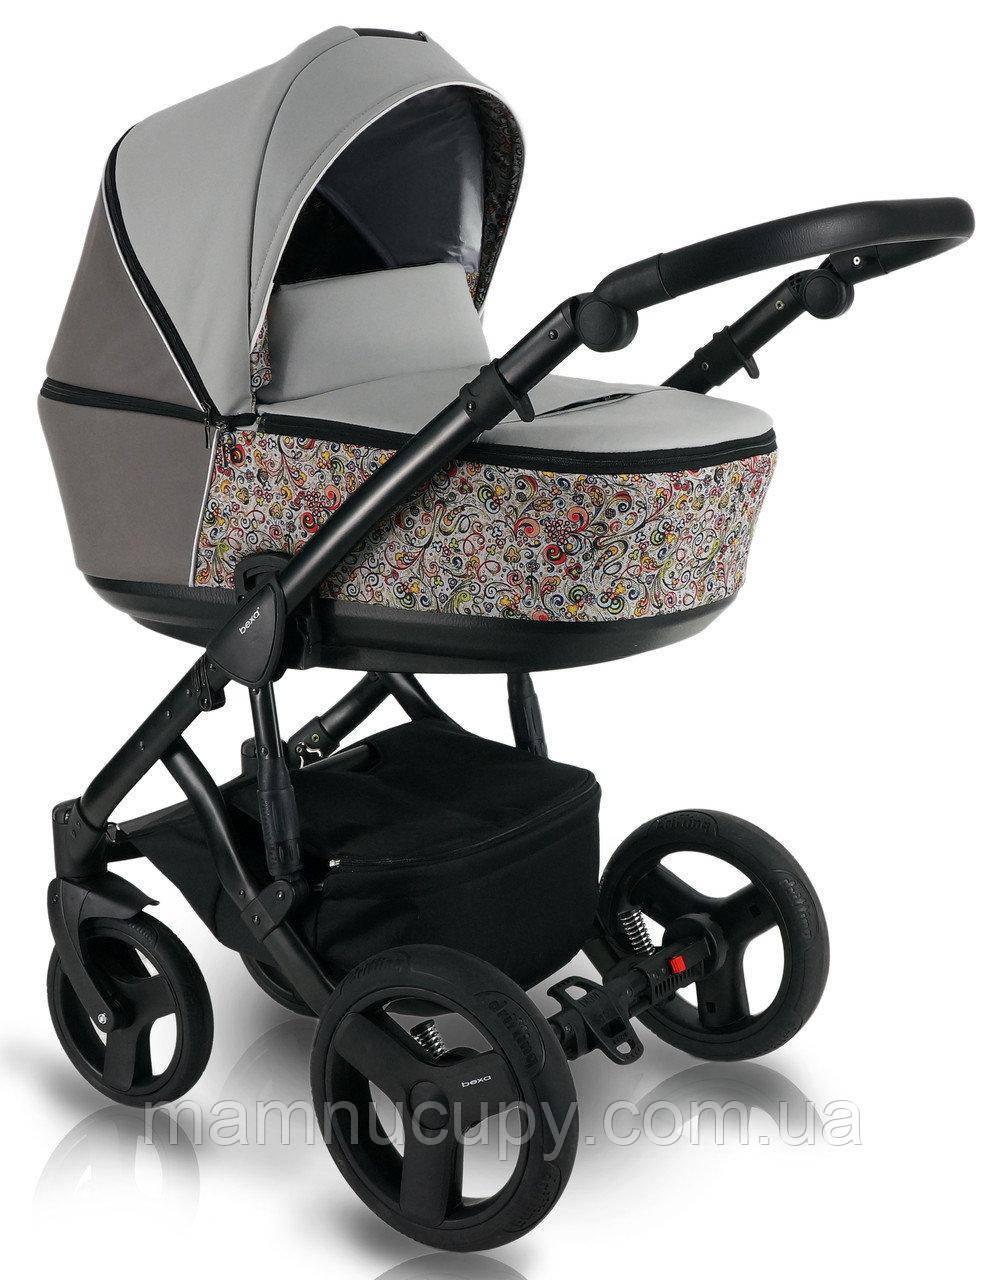 Универсальная детская коляска  2 в 1 Bexa Fresh Eco FL 309  (бекса фреш эко)